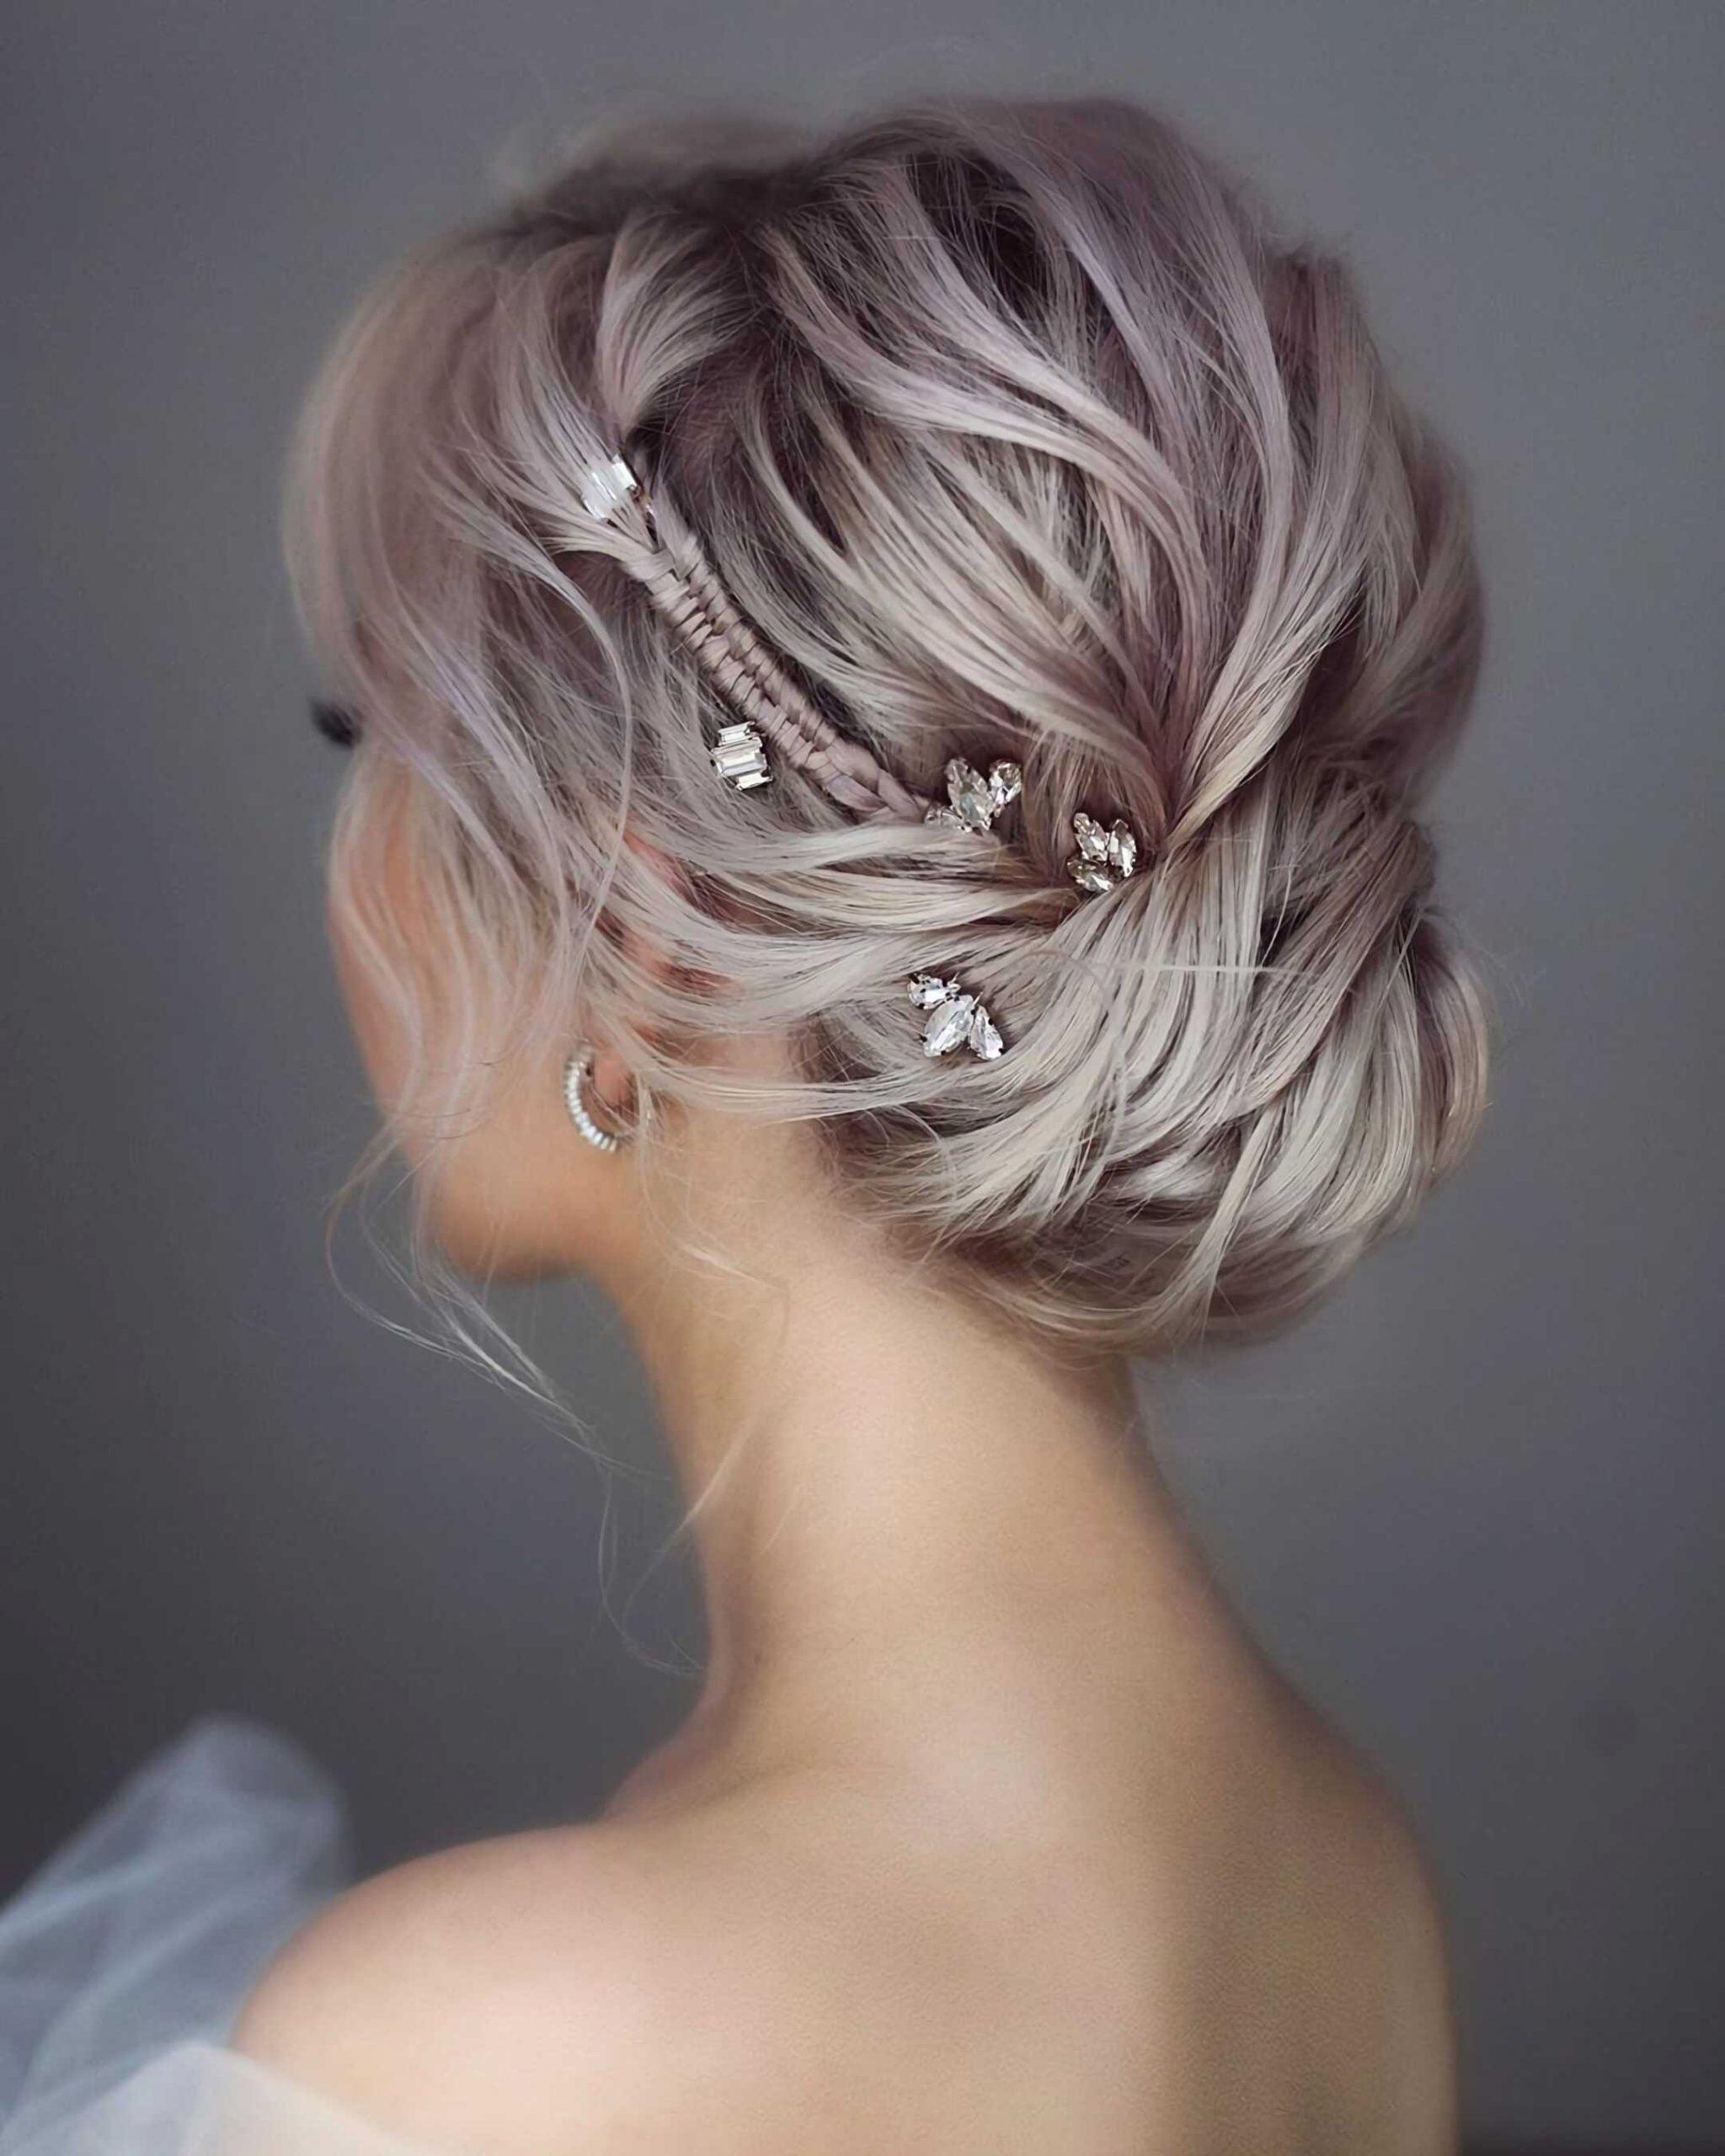 модная стрижка на средние волосы с пучком